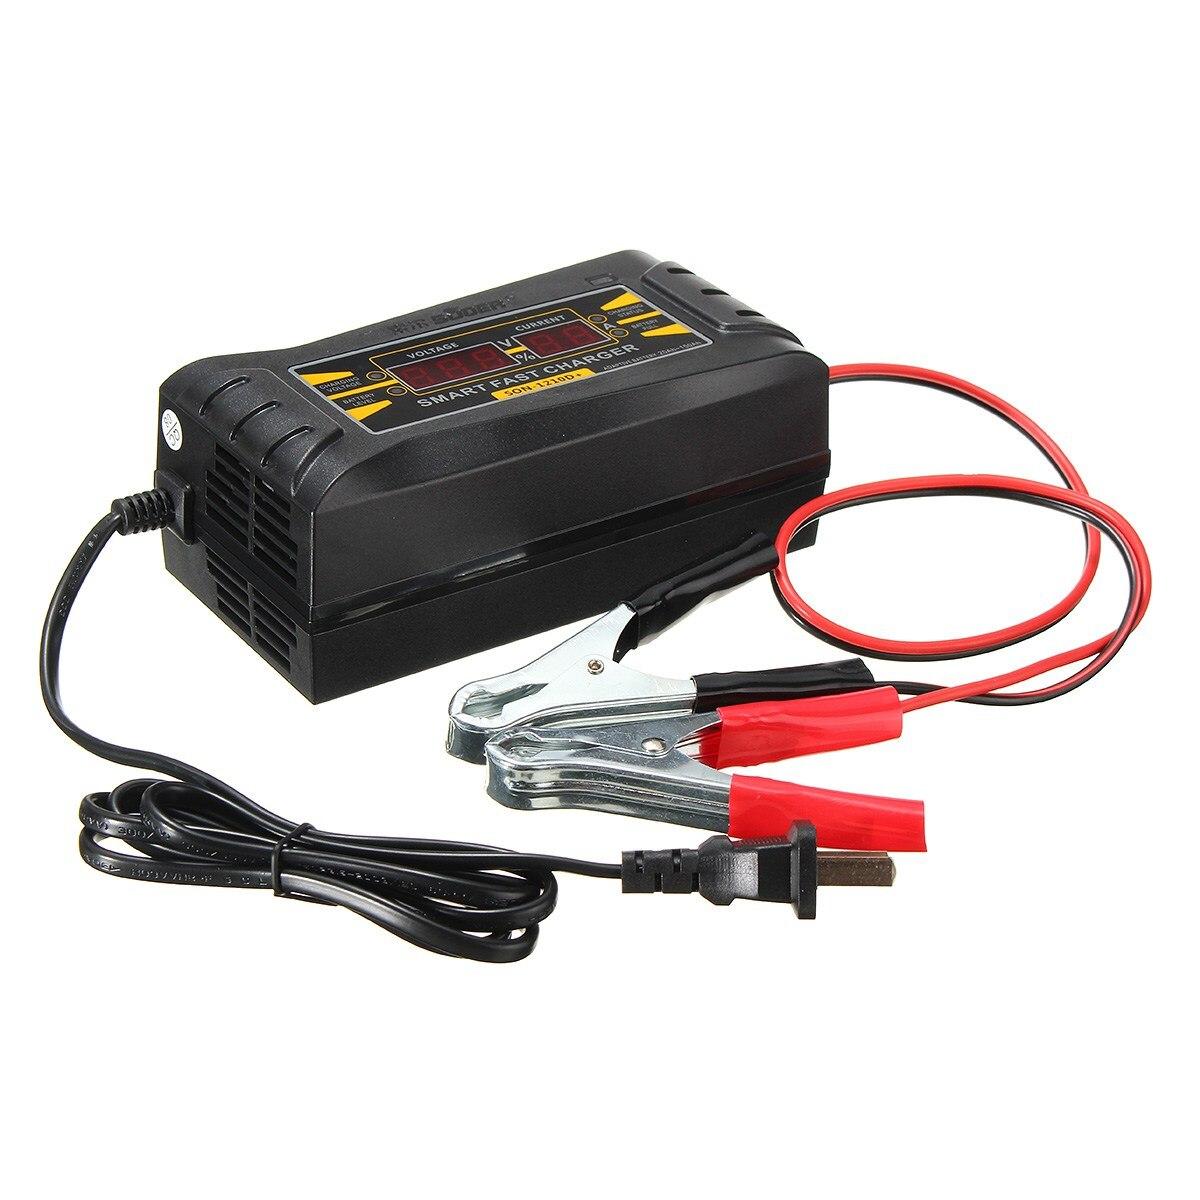 Souer genuino Cargadores de batería 12 V 10a 20 ~ 150ah batería de la motocicleta Coche Smart cargador pantalla LCD